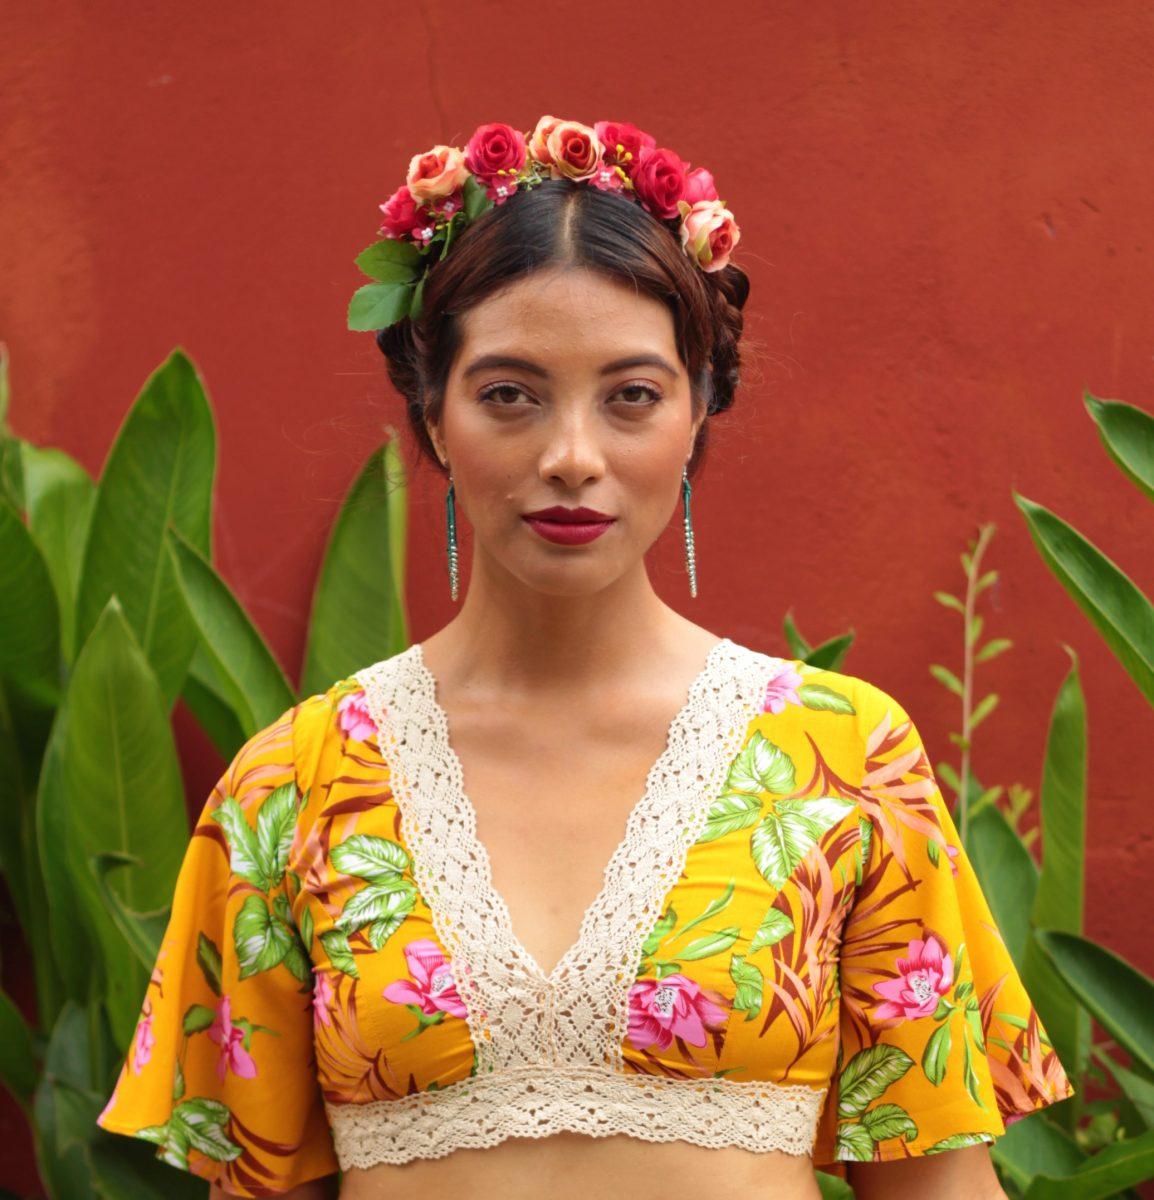 Styling inspiriert durch Frida Kahlo